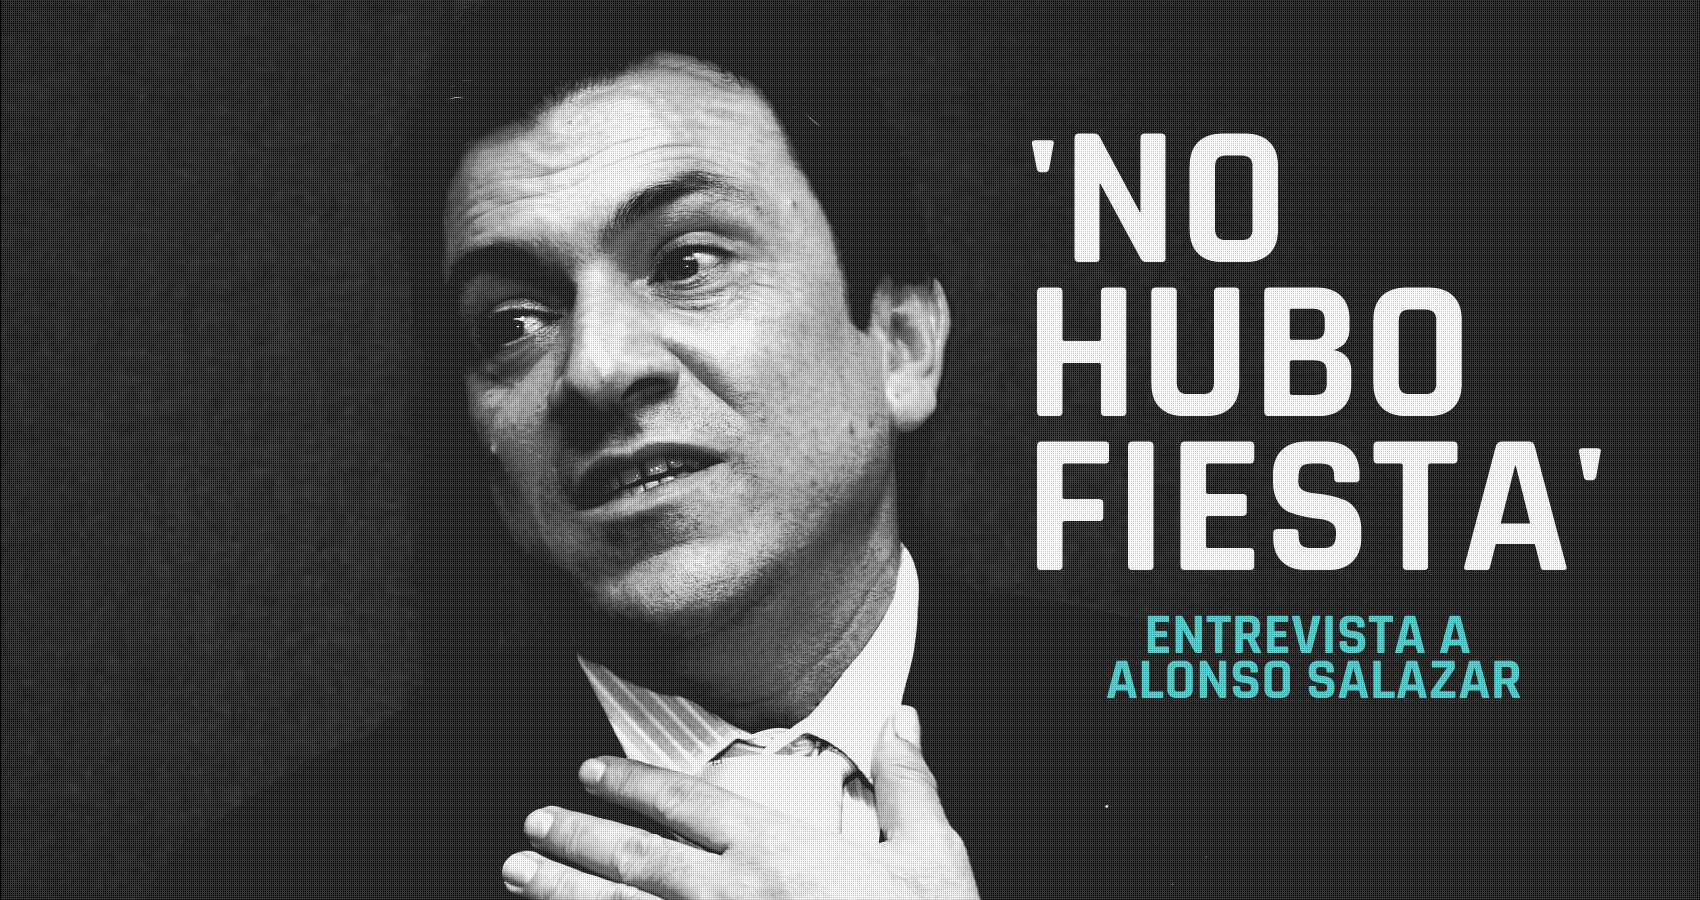 Alonso Salazar y su recuerdo de la revolución que iba a salvar el mundo